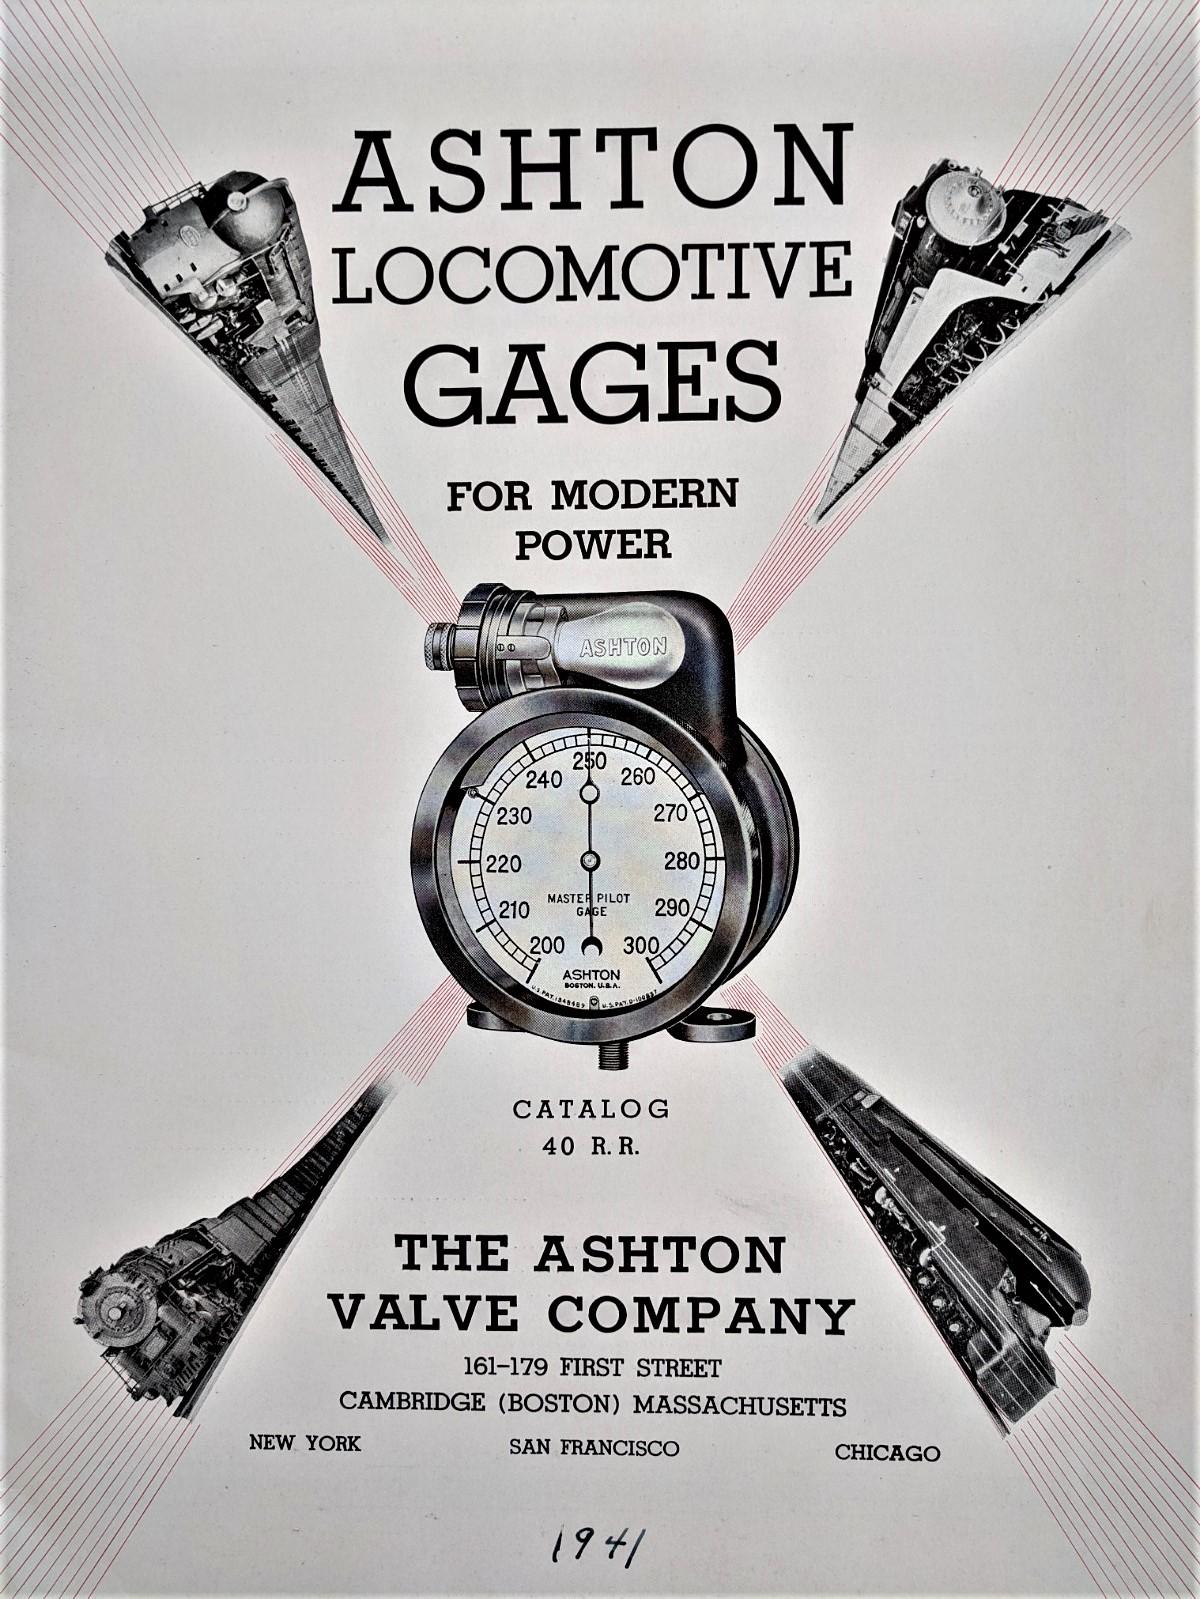 Ashton gage catalog 1941    1B.jpg